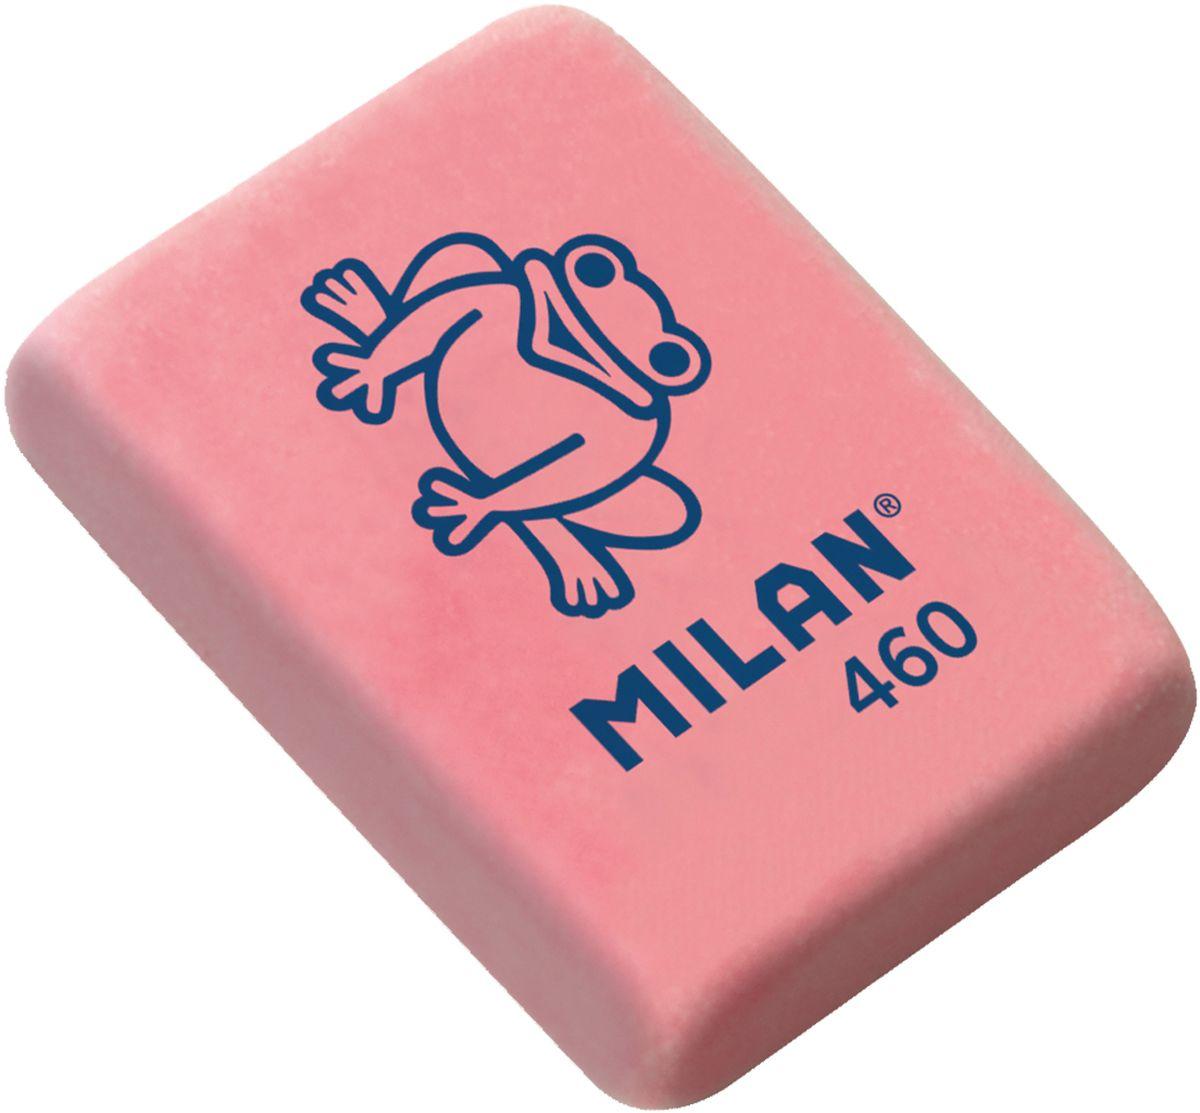 Milan Ластик 460 цвет красныйCNM460Ластик Milan с плотной структурой для эффективного стирания карандашей различной твердости. Ластик обеспечивает высокое качество коррекции и не повреждает поверхность бумаги.